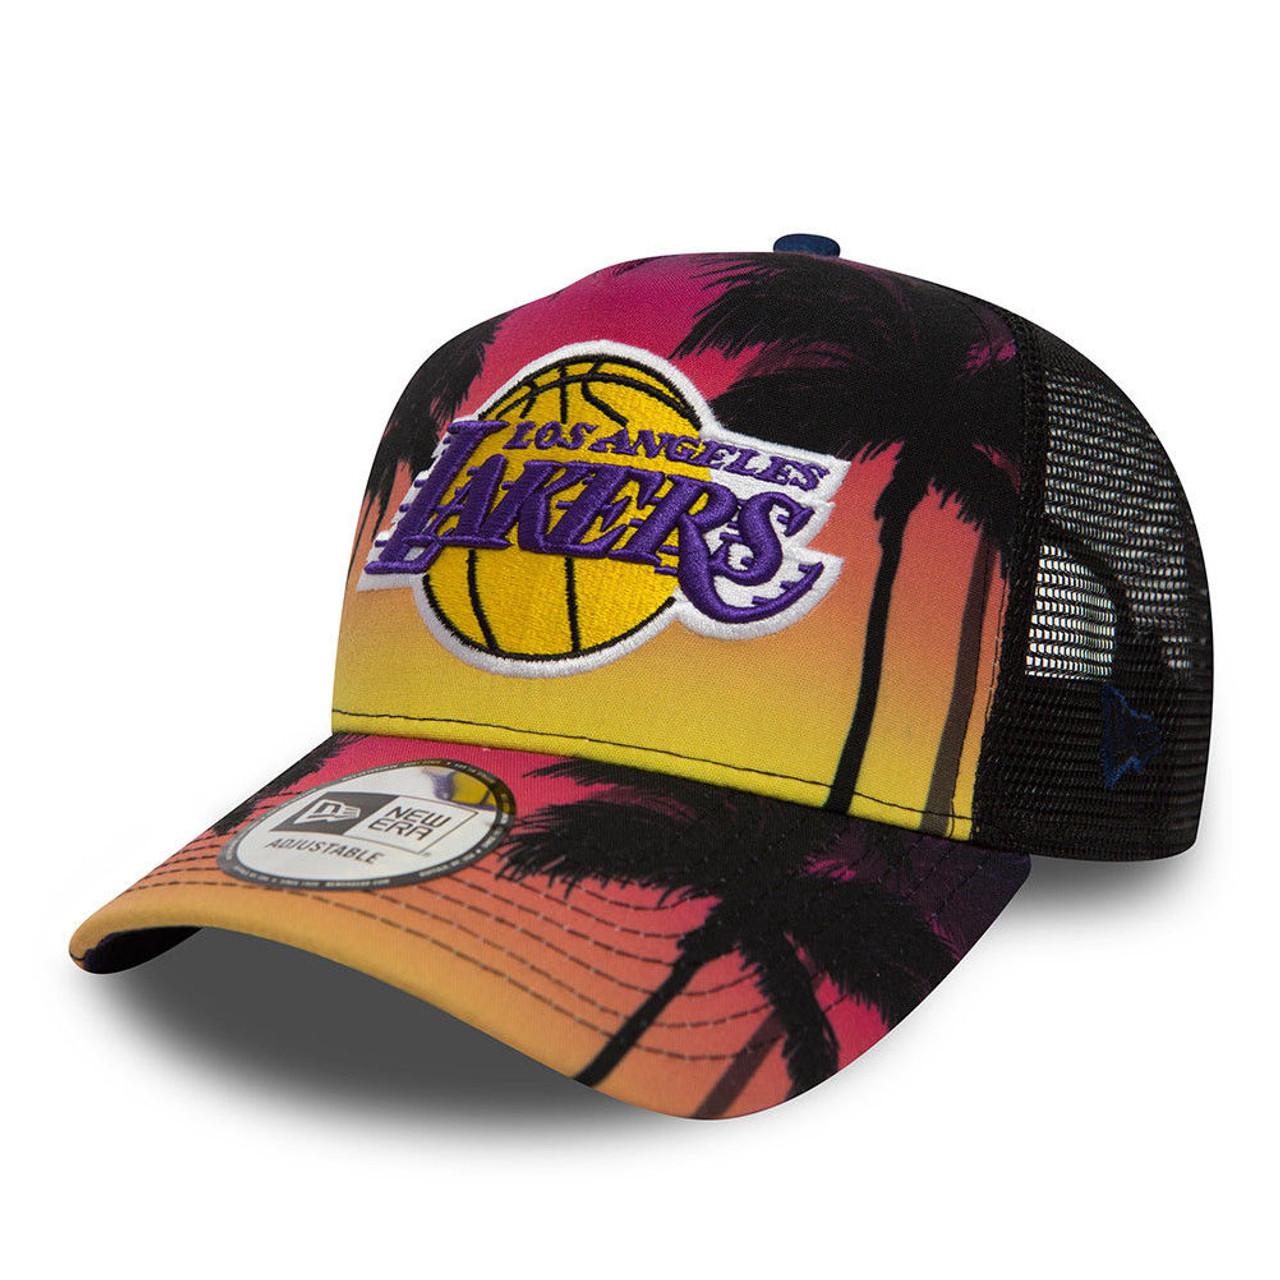 NEW ERA LA lakers basketball NBA coastal trucker cap  multi colours  1c13a5ee1e3